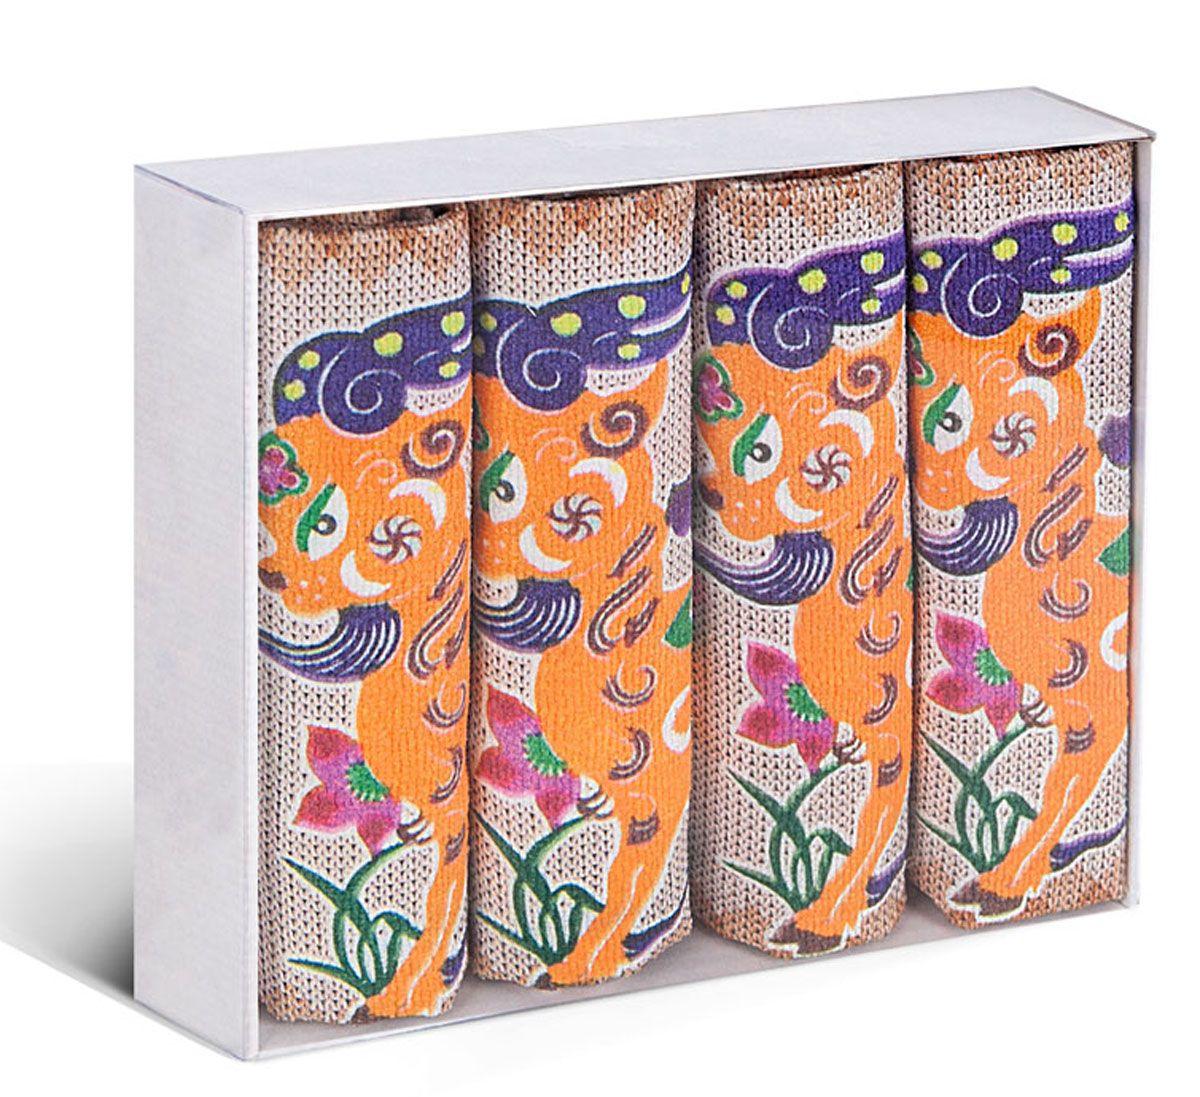 Набор кухонных полотенец Soavita, цвет: оранжевый, белый, 38 х 64 см, 4 штSVC-300Набор Soavita состоит из 4 вафельных полотенец. Изделия выполнены из микрофибры и оформлены яркими, оригинальными вышивками. Полотенца используются для протирки различных поверхностей, также широко применяются в быту.Такой набор станет отличным вариантом для практичной и современной хозяйки.Перед использованием постирать при температуре не выше 40 градусов.